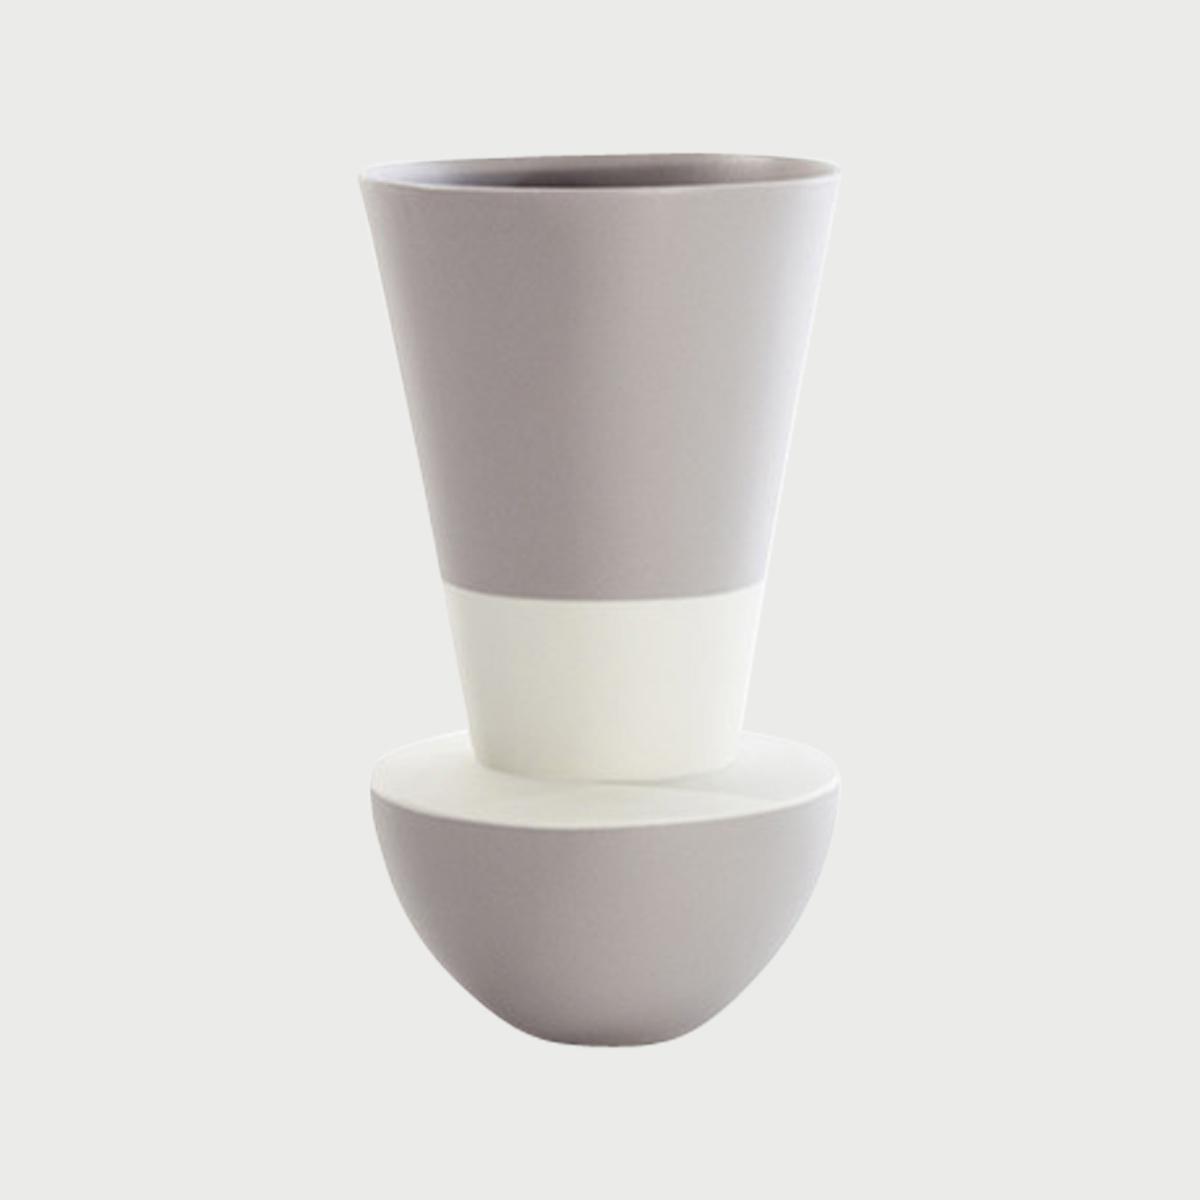 Versa vase up white grey